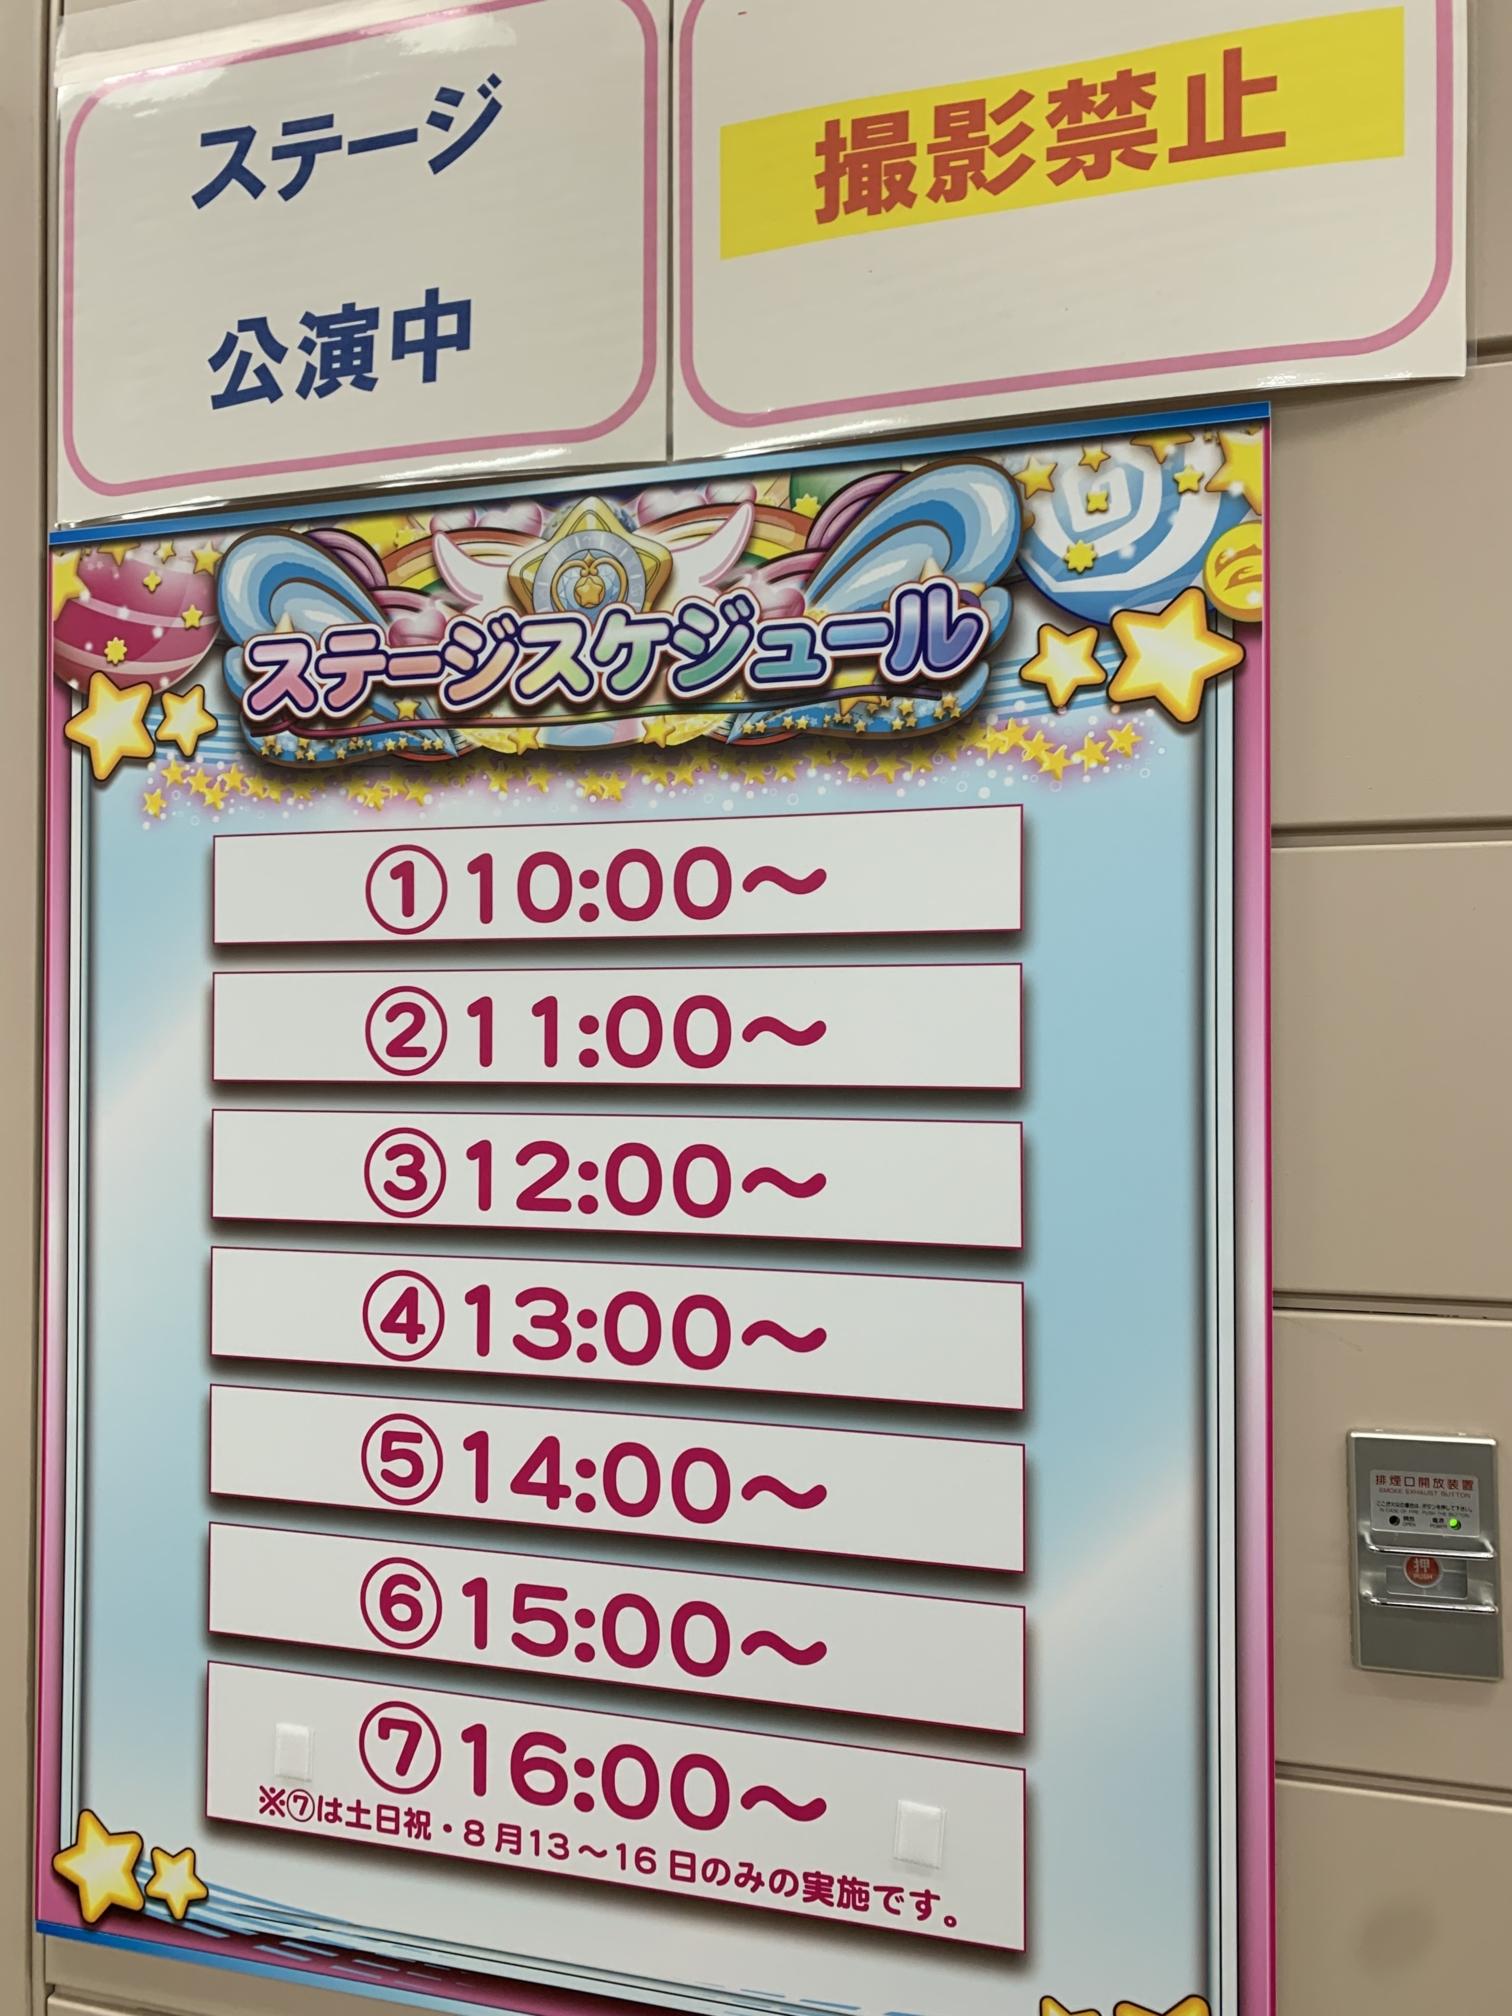 スター☆トゥインクルプリキュア おほしSUMMERバケーションのショータイムスケジュール